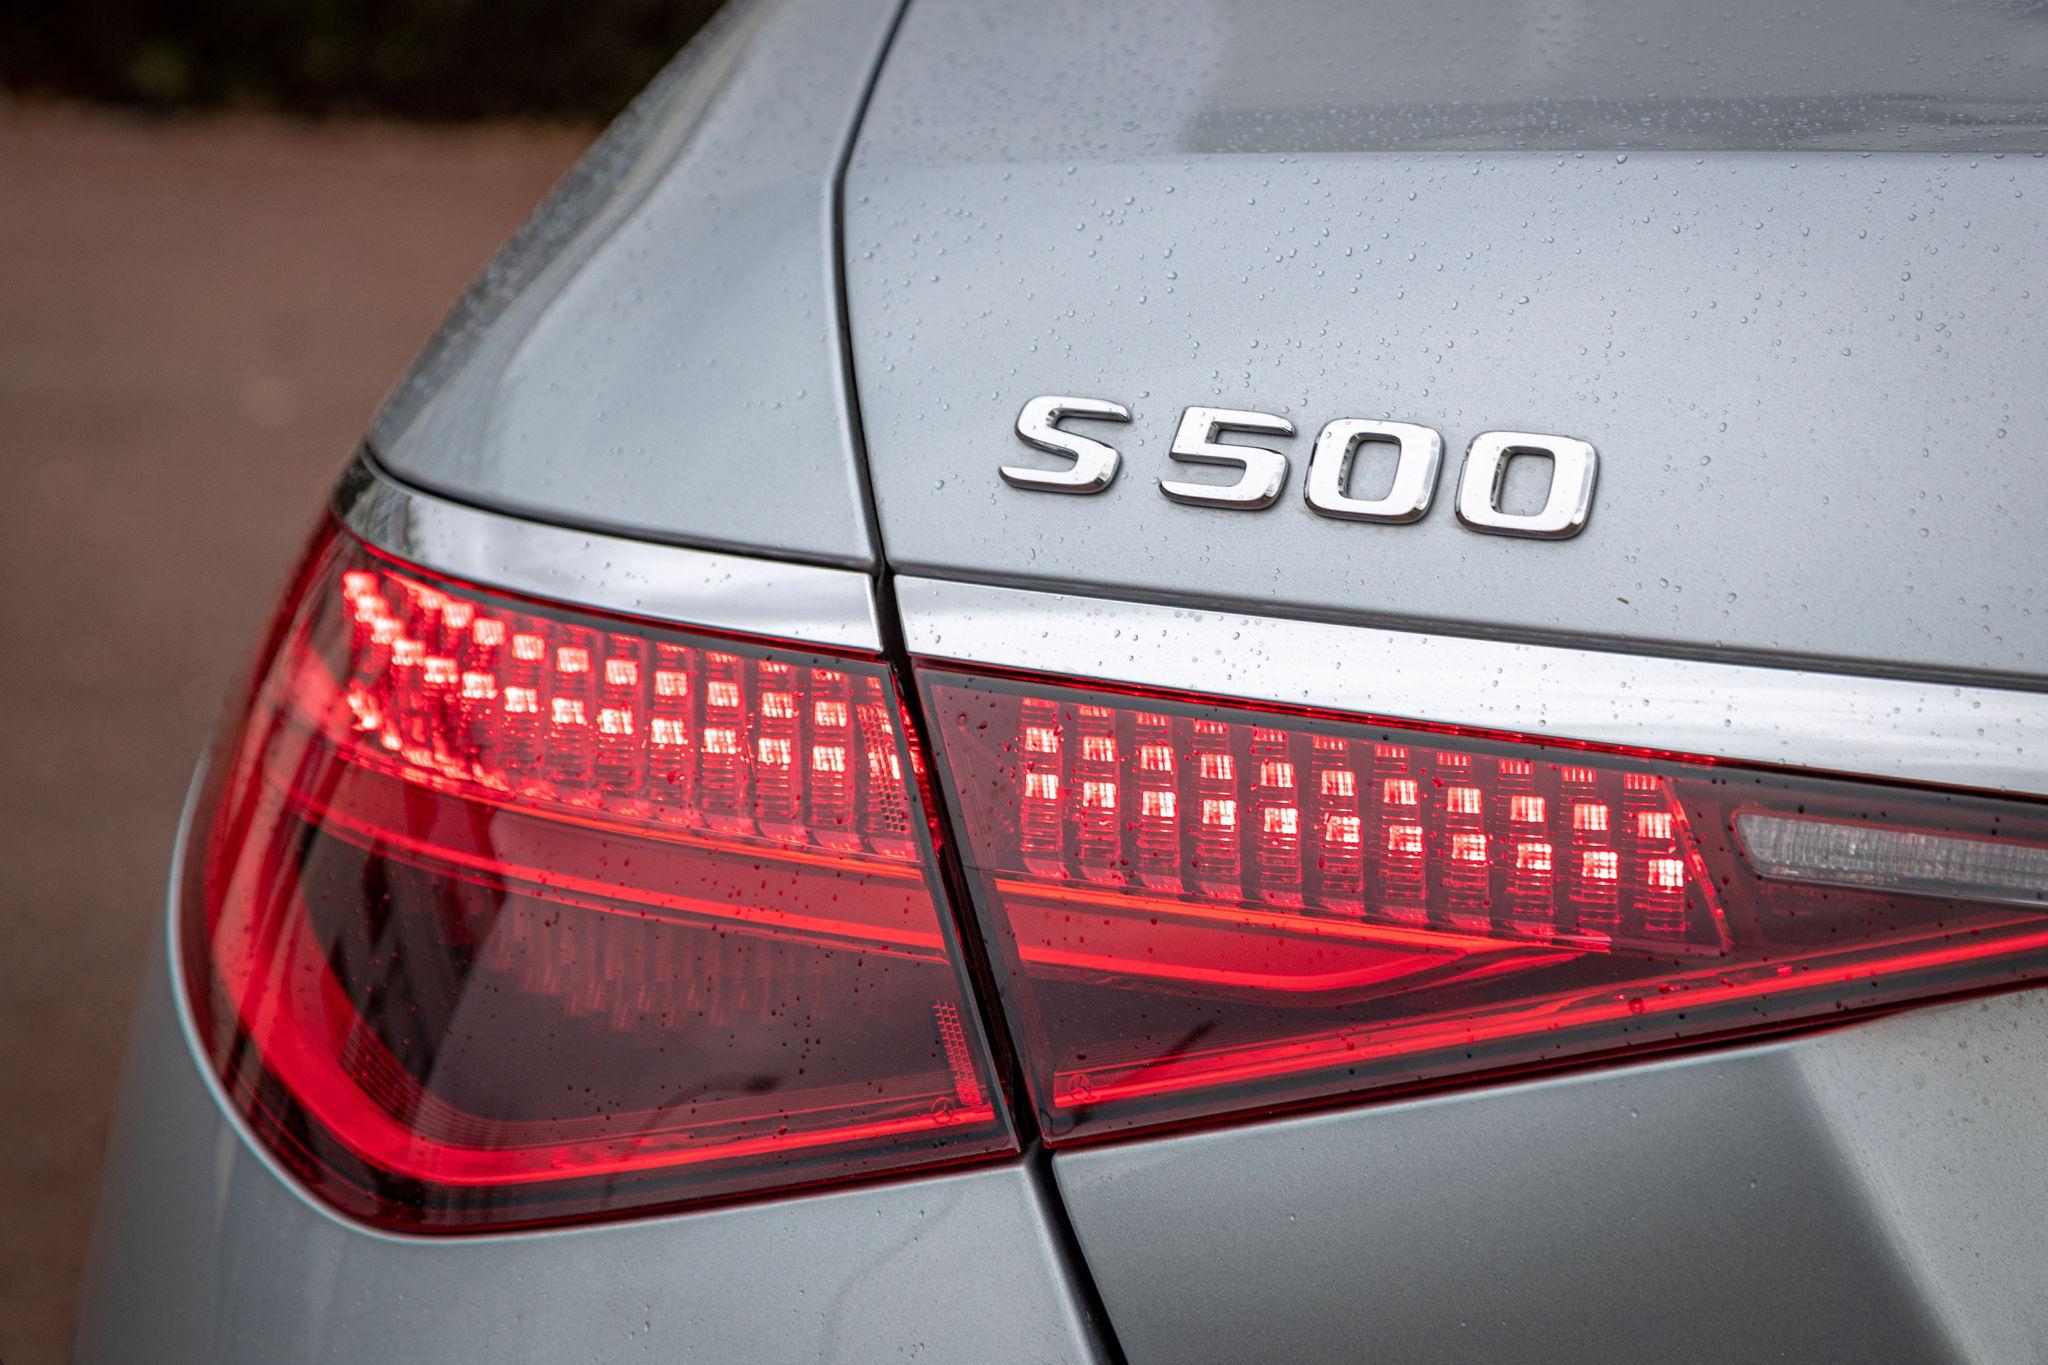 S 500 4MATIC - so fährt der Reihen-Sechszylinder in der S-Klasse